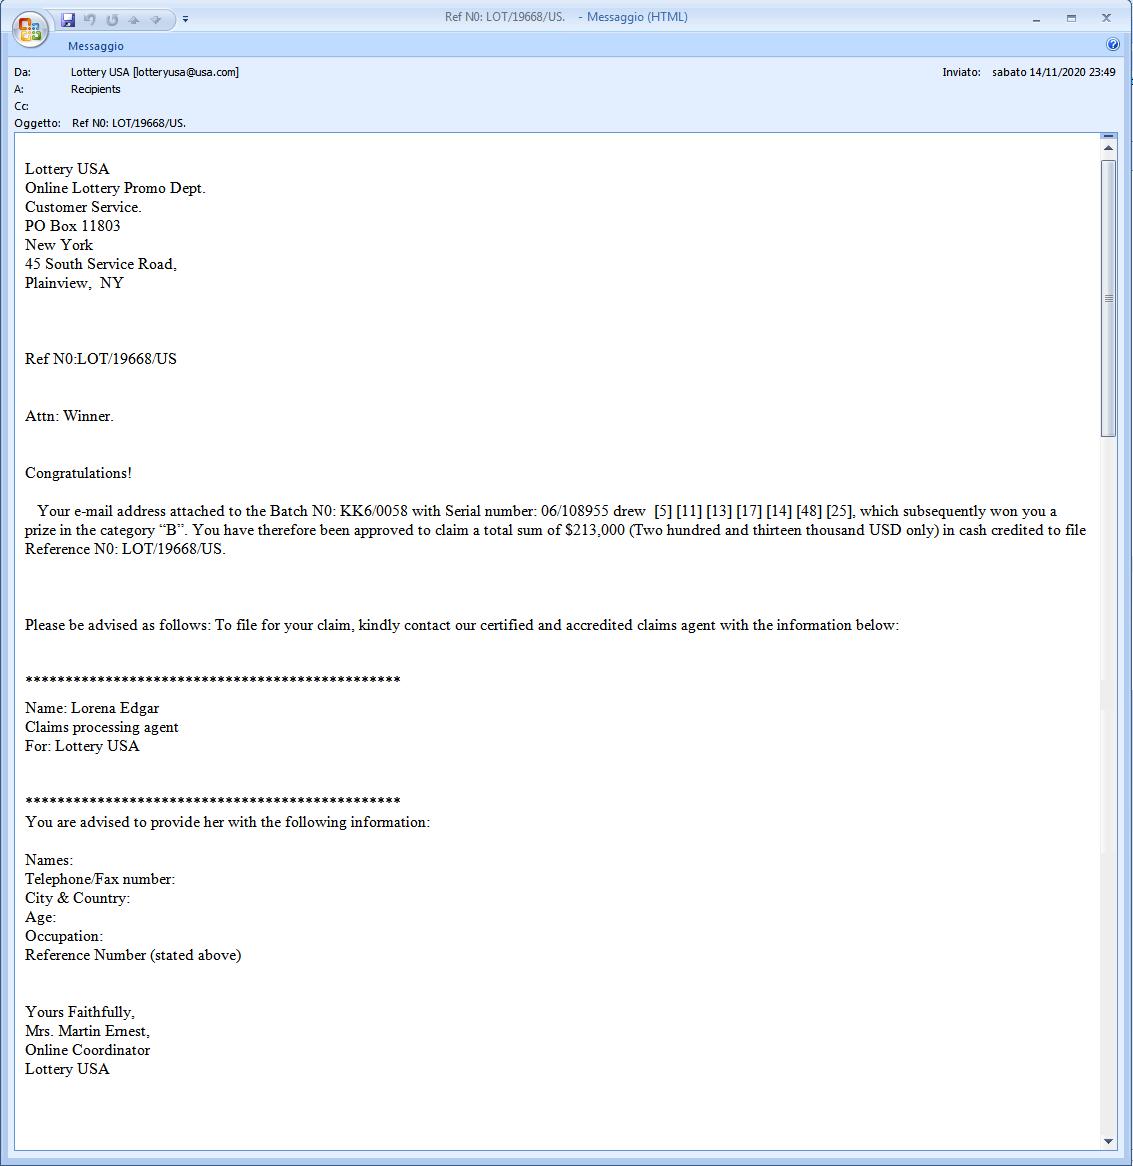 Clicca per ingrandire l'immagine della falsa e-mail di una presunta vincita della Lotteria USA,  ma che in realtà è una TRUFFA!